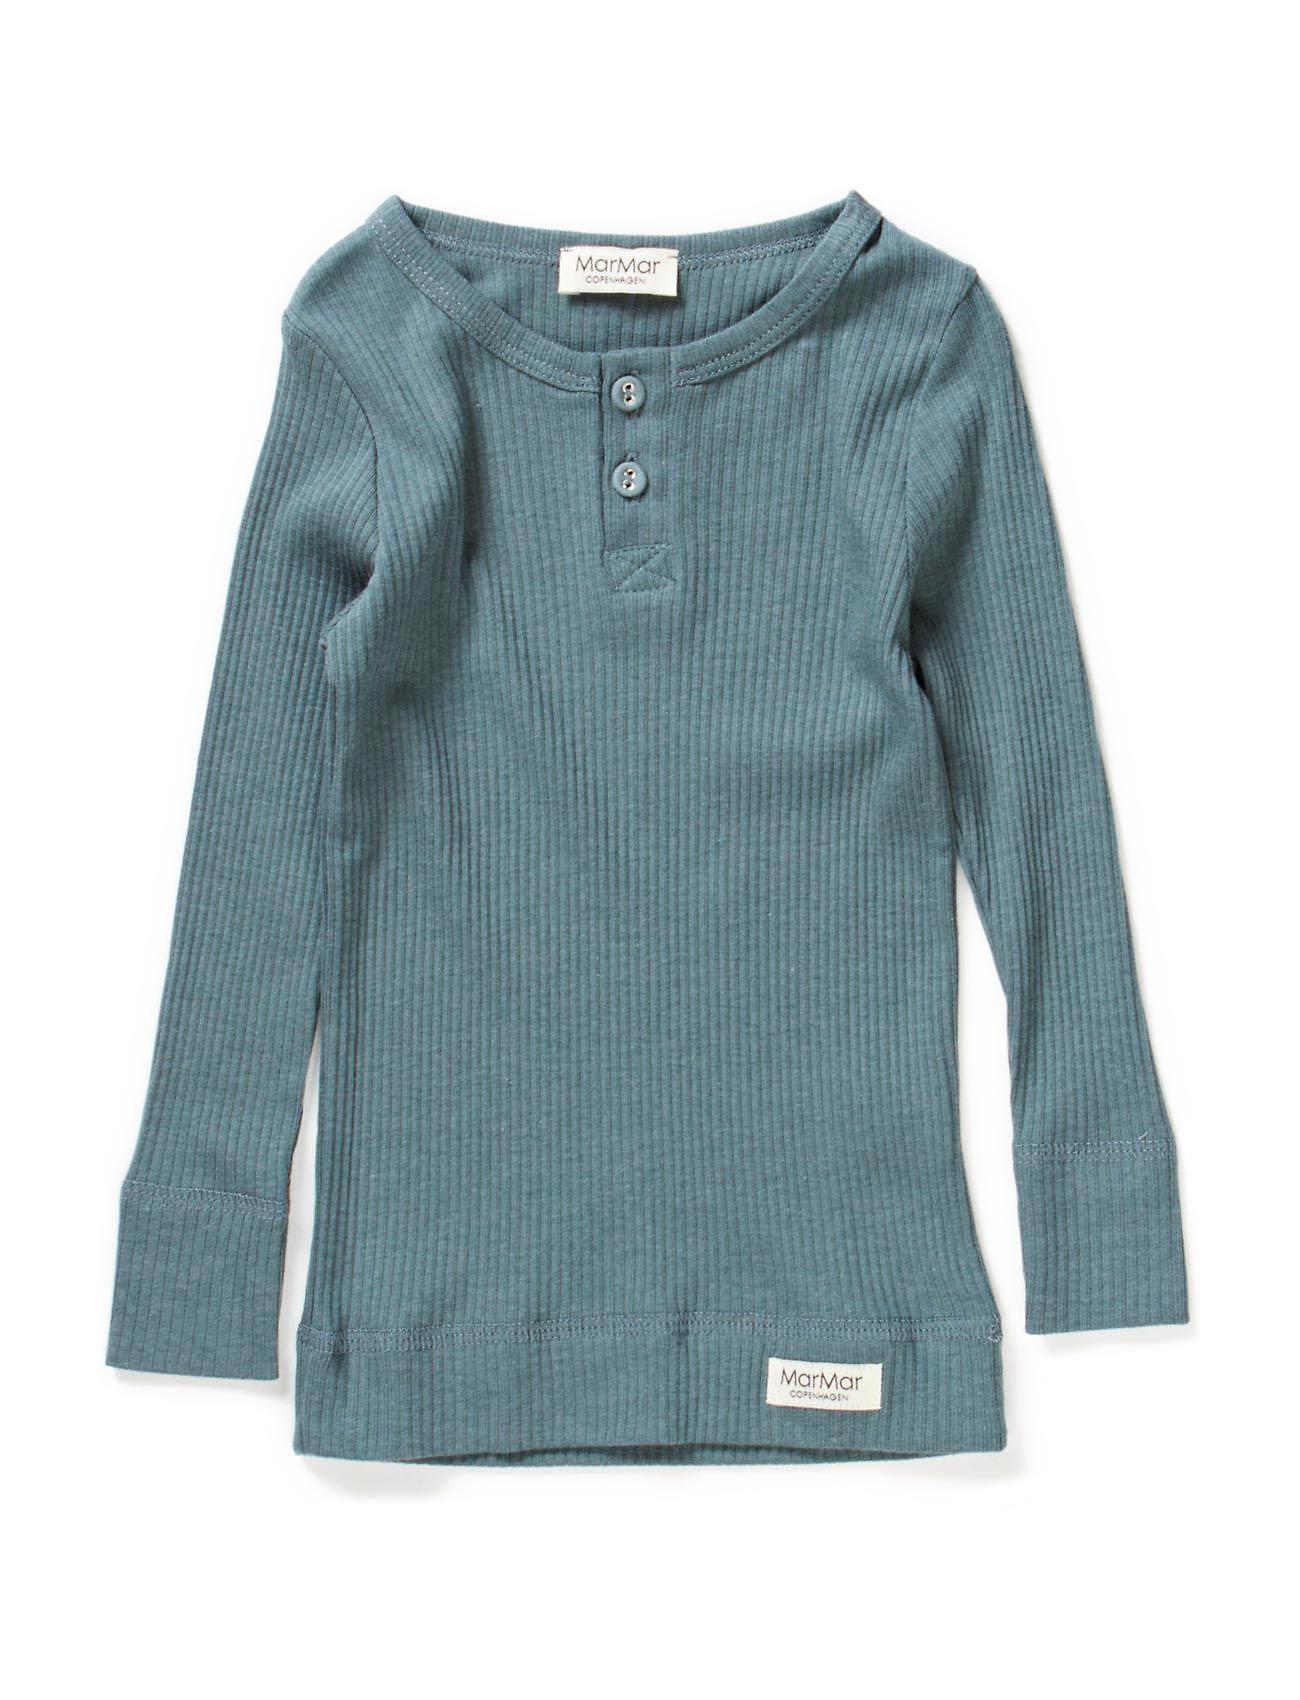 Image of Tee Ls Langærmet T-shirt Blå MarMar Cph (3452226739)